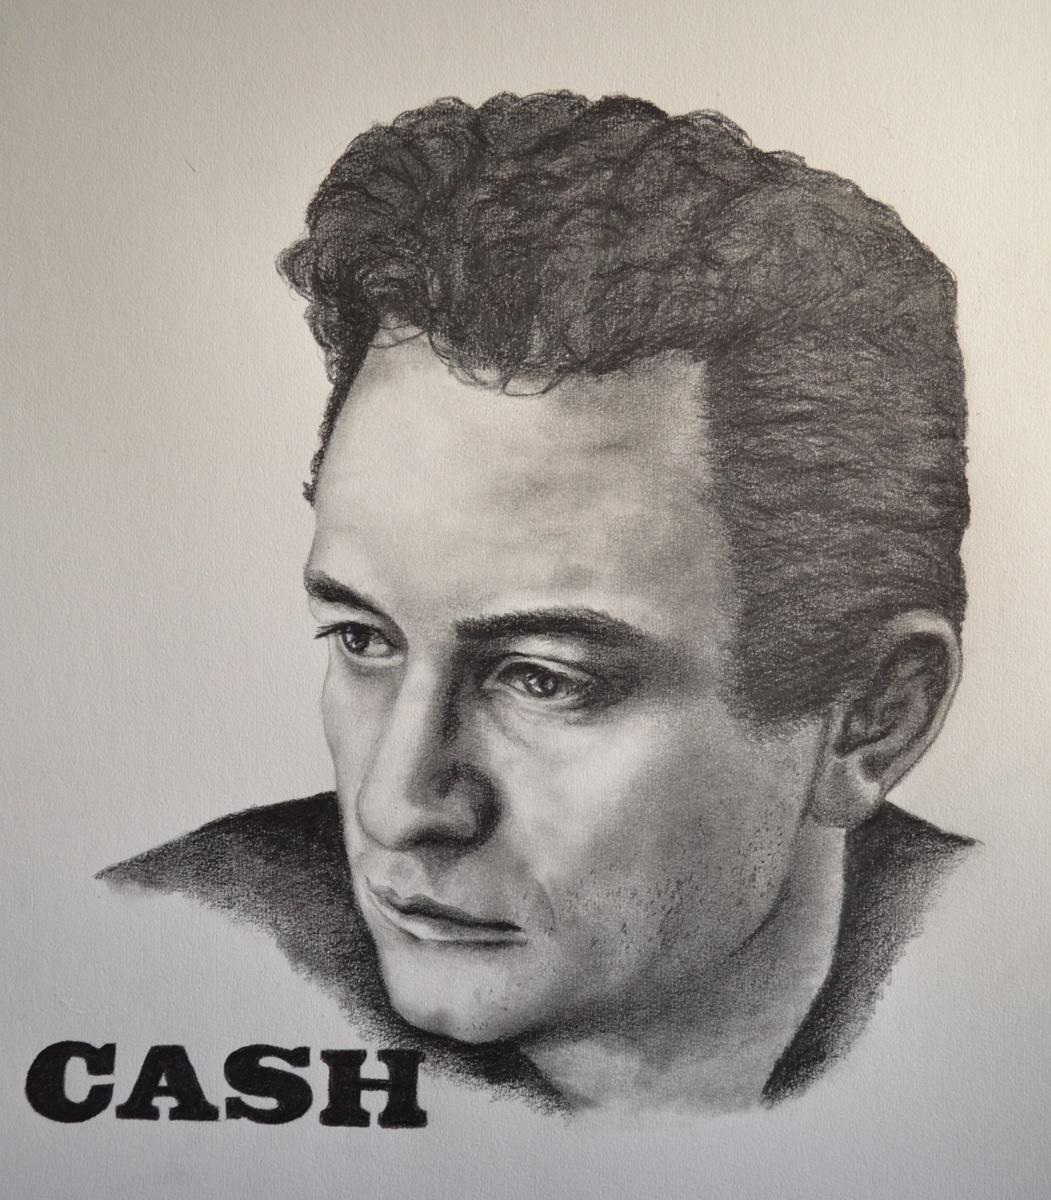 Cash (large view)